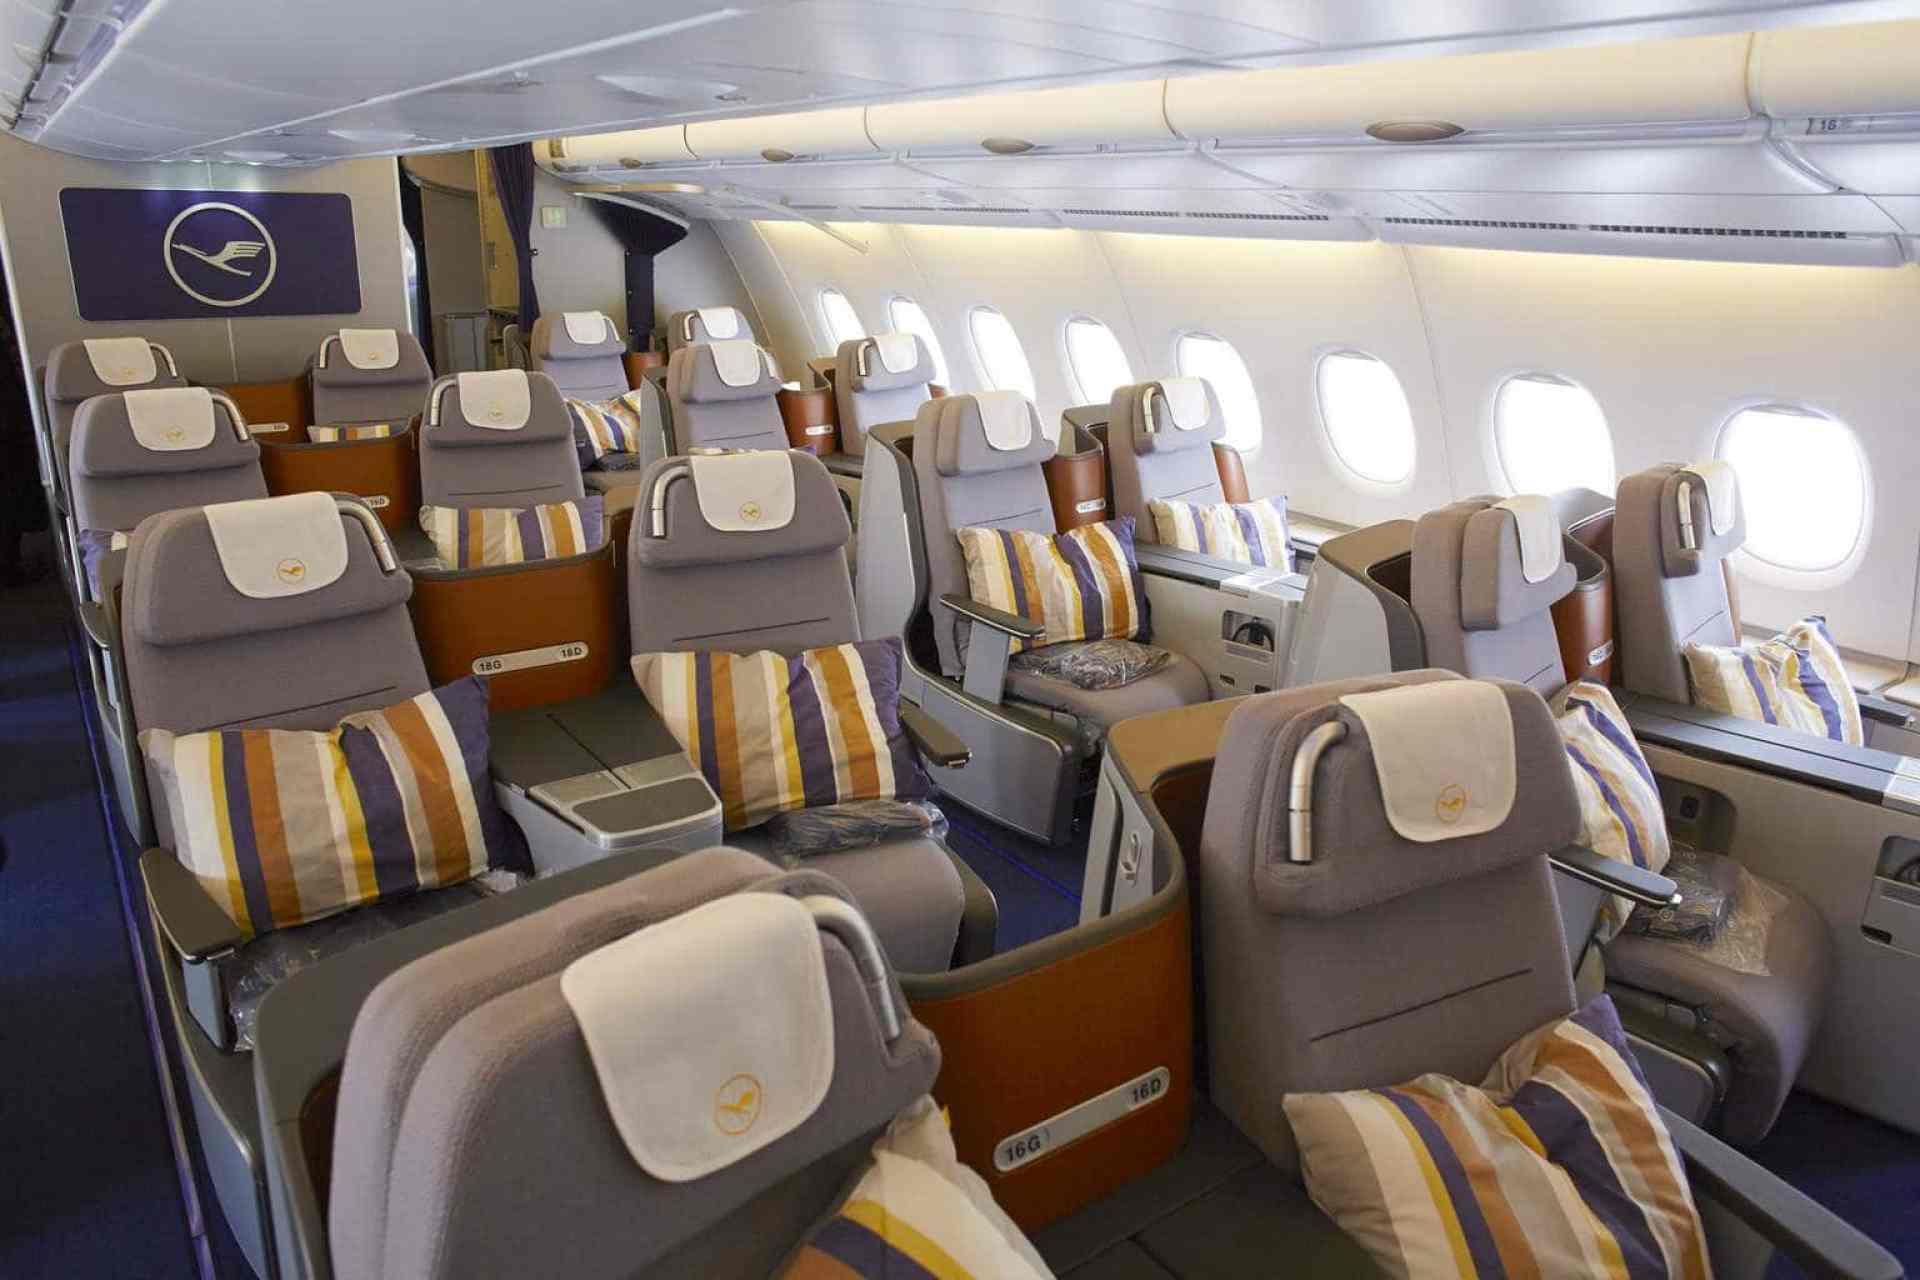 Lufthansa A380 Business Class seating